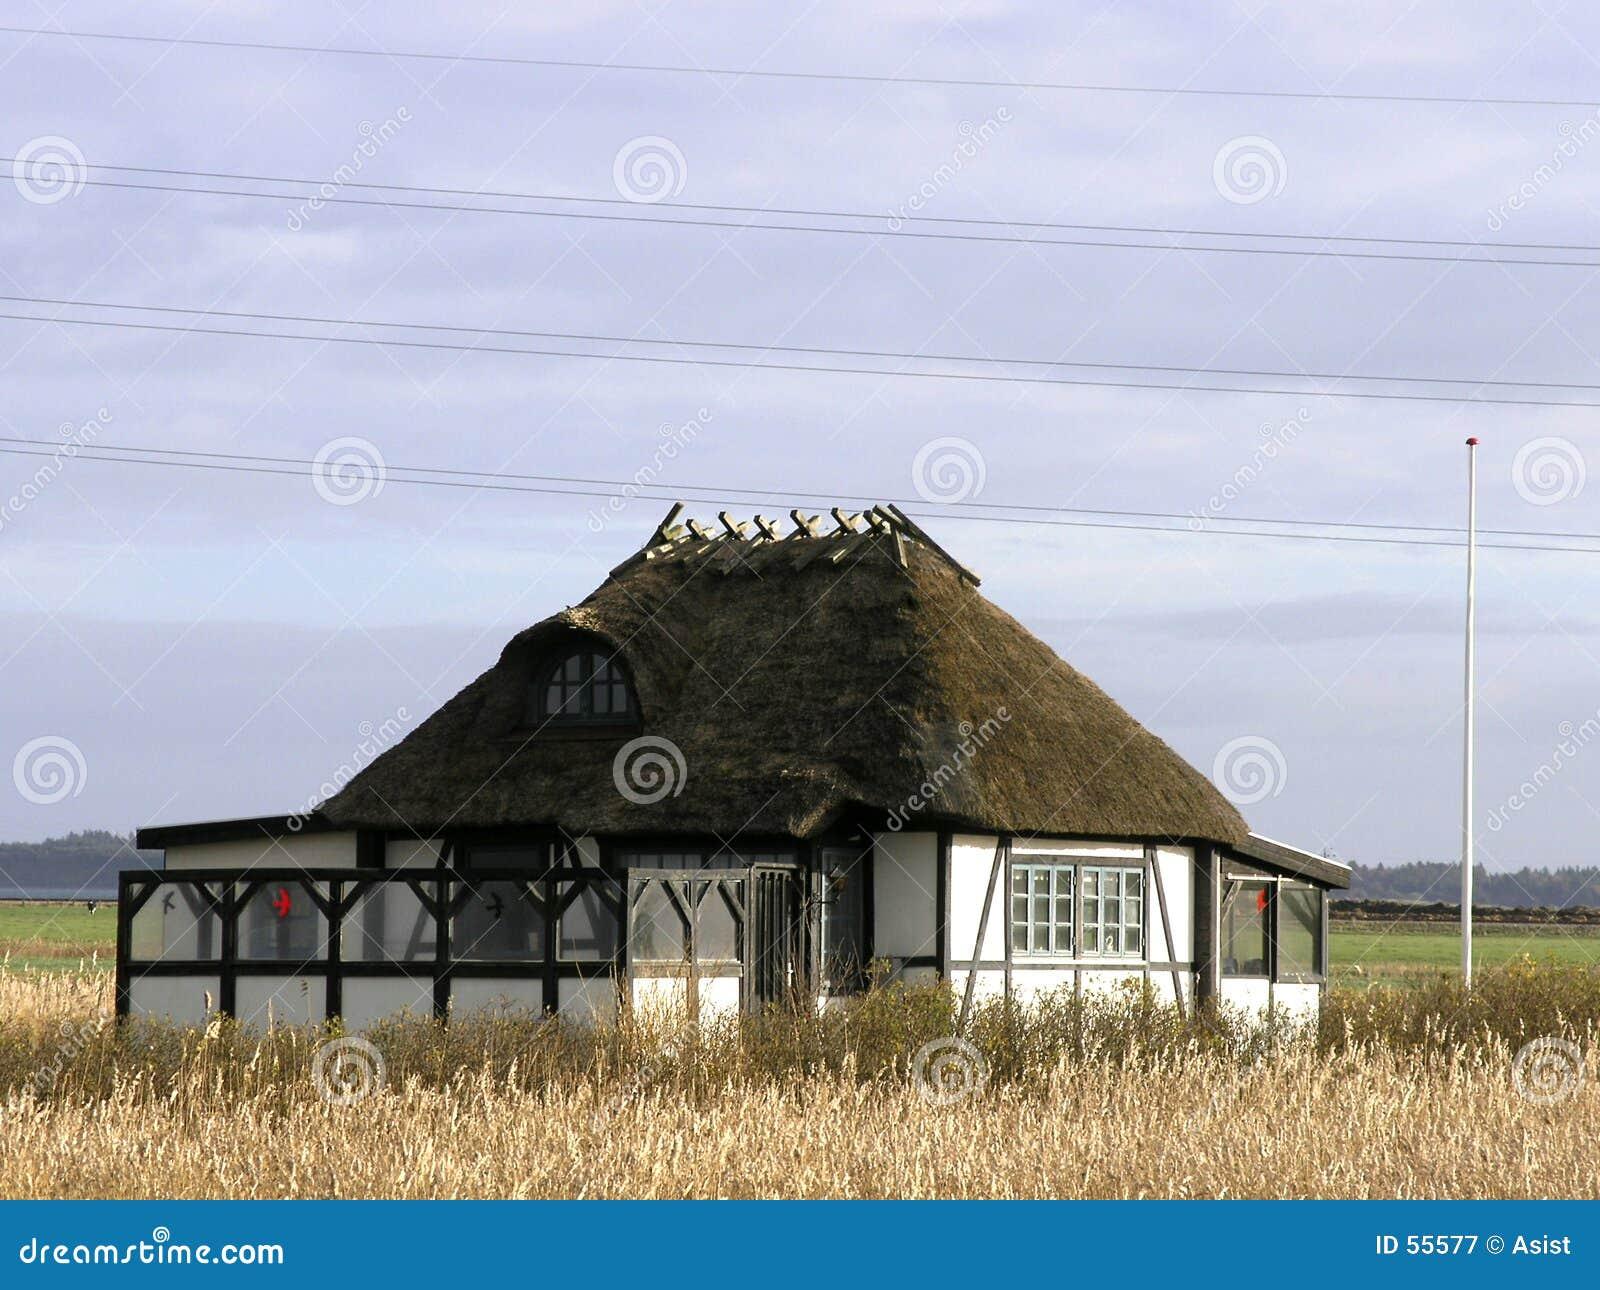 Download Maison d'été image stock. Image du bleu, loyer, environnement - 55577